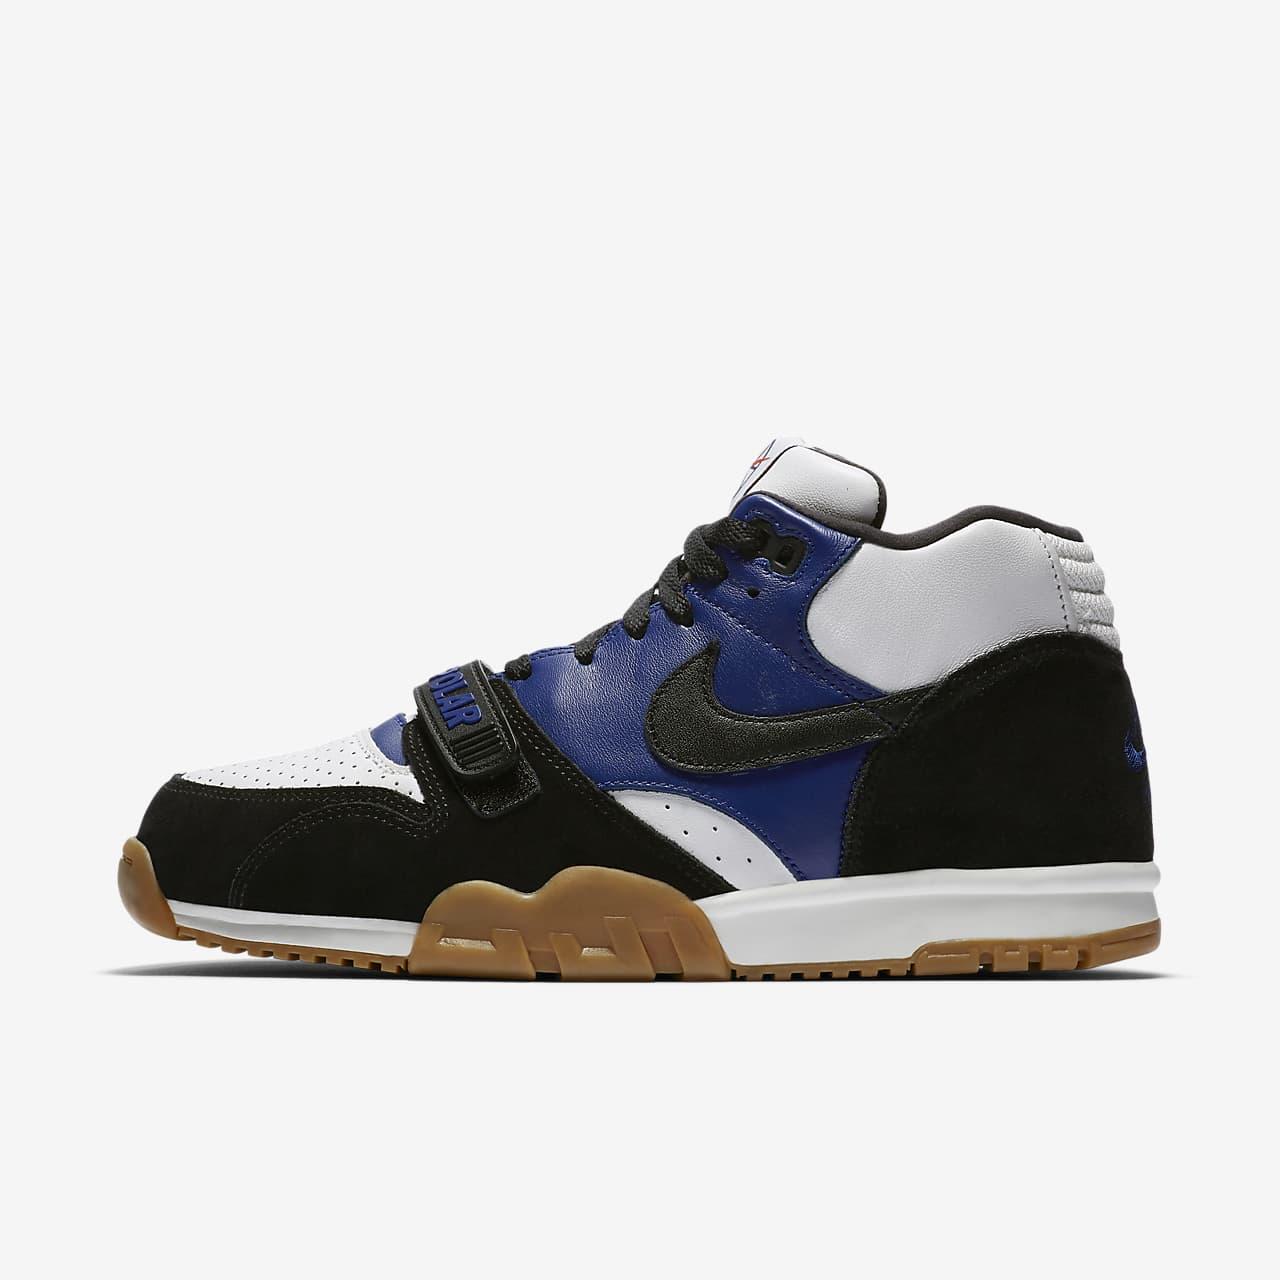 Nike SB Air Trainer I QS男子运动鞋